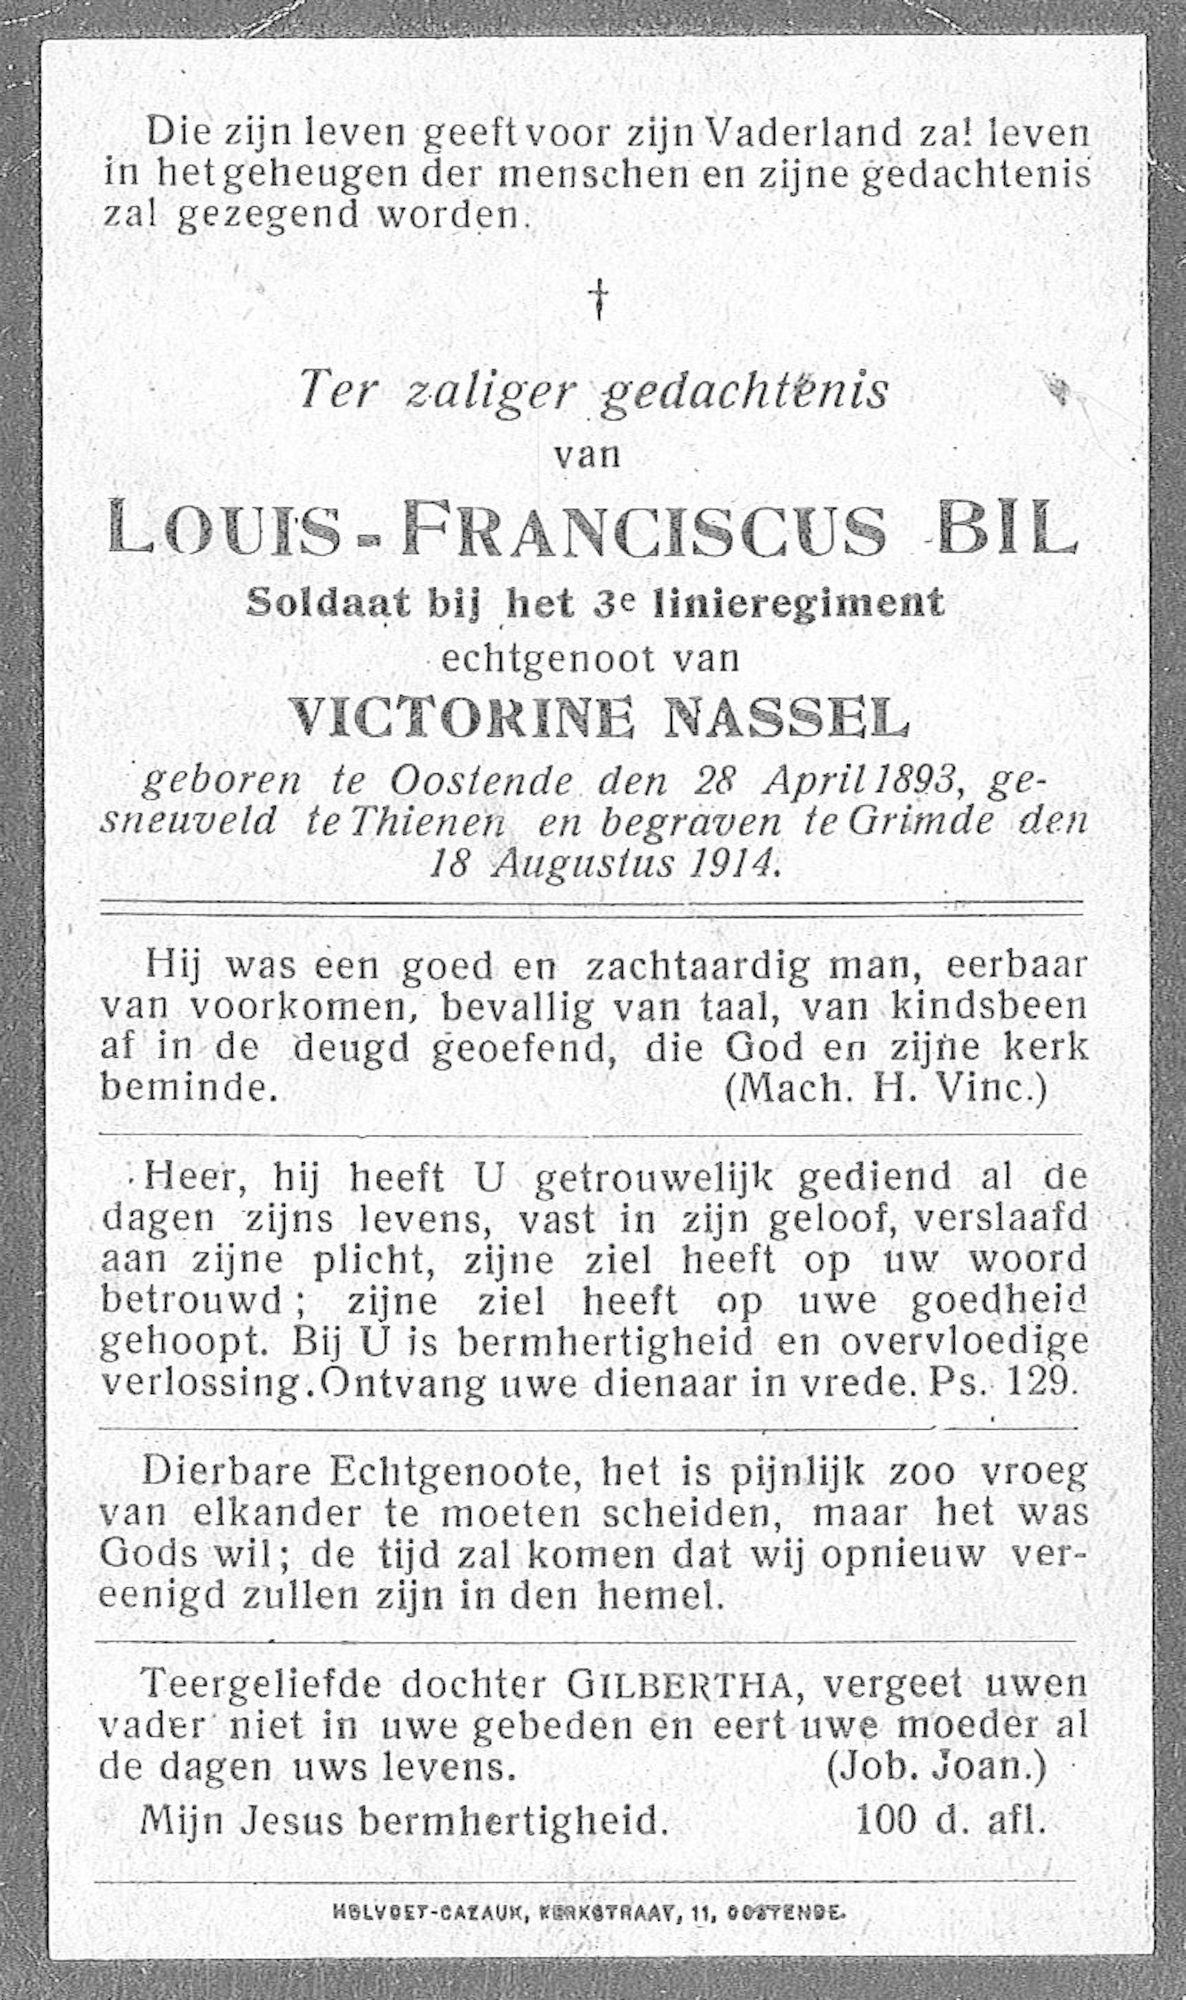 Louis Franciscus Bil